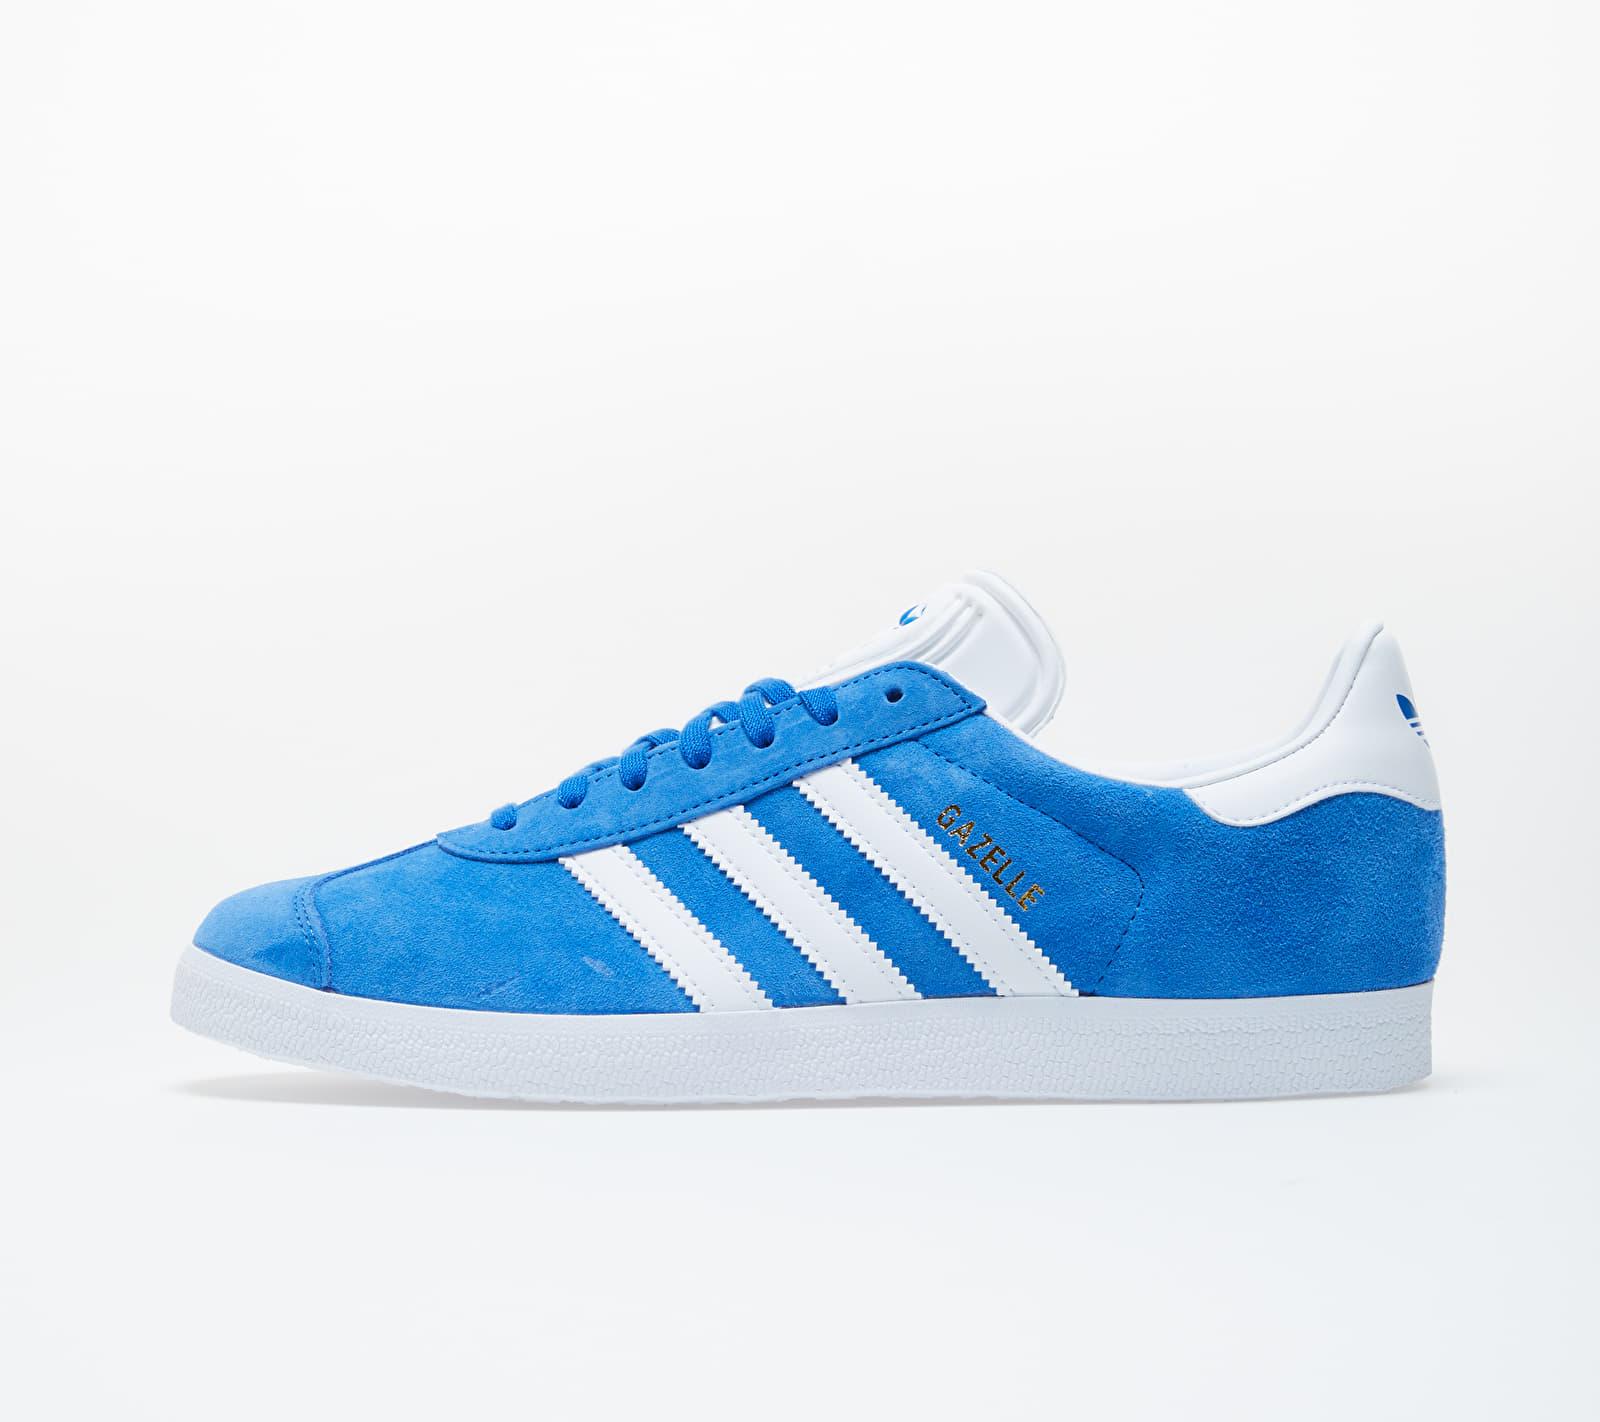 adidas Gazelle Blue/ Ftw White/ Gold Metalic EUR 47 1/3